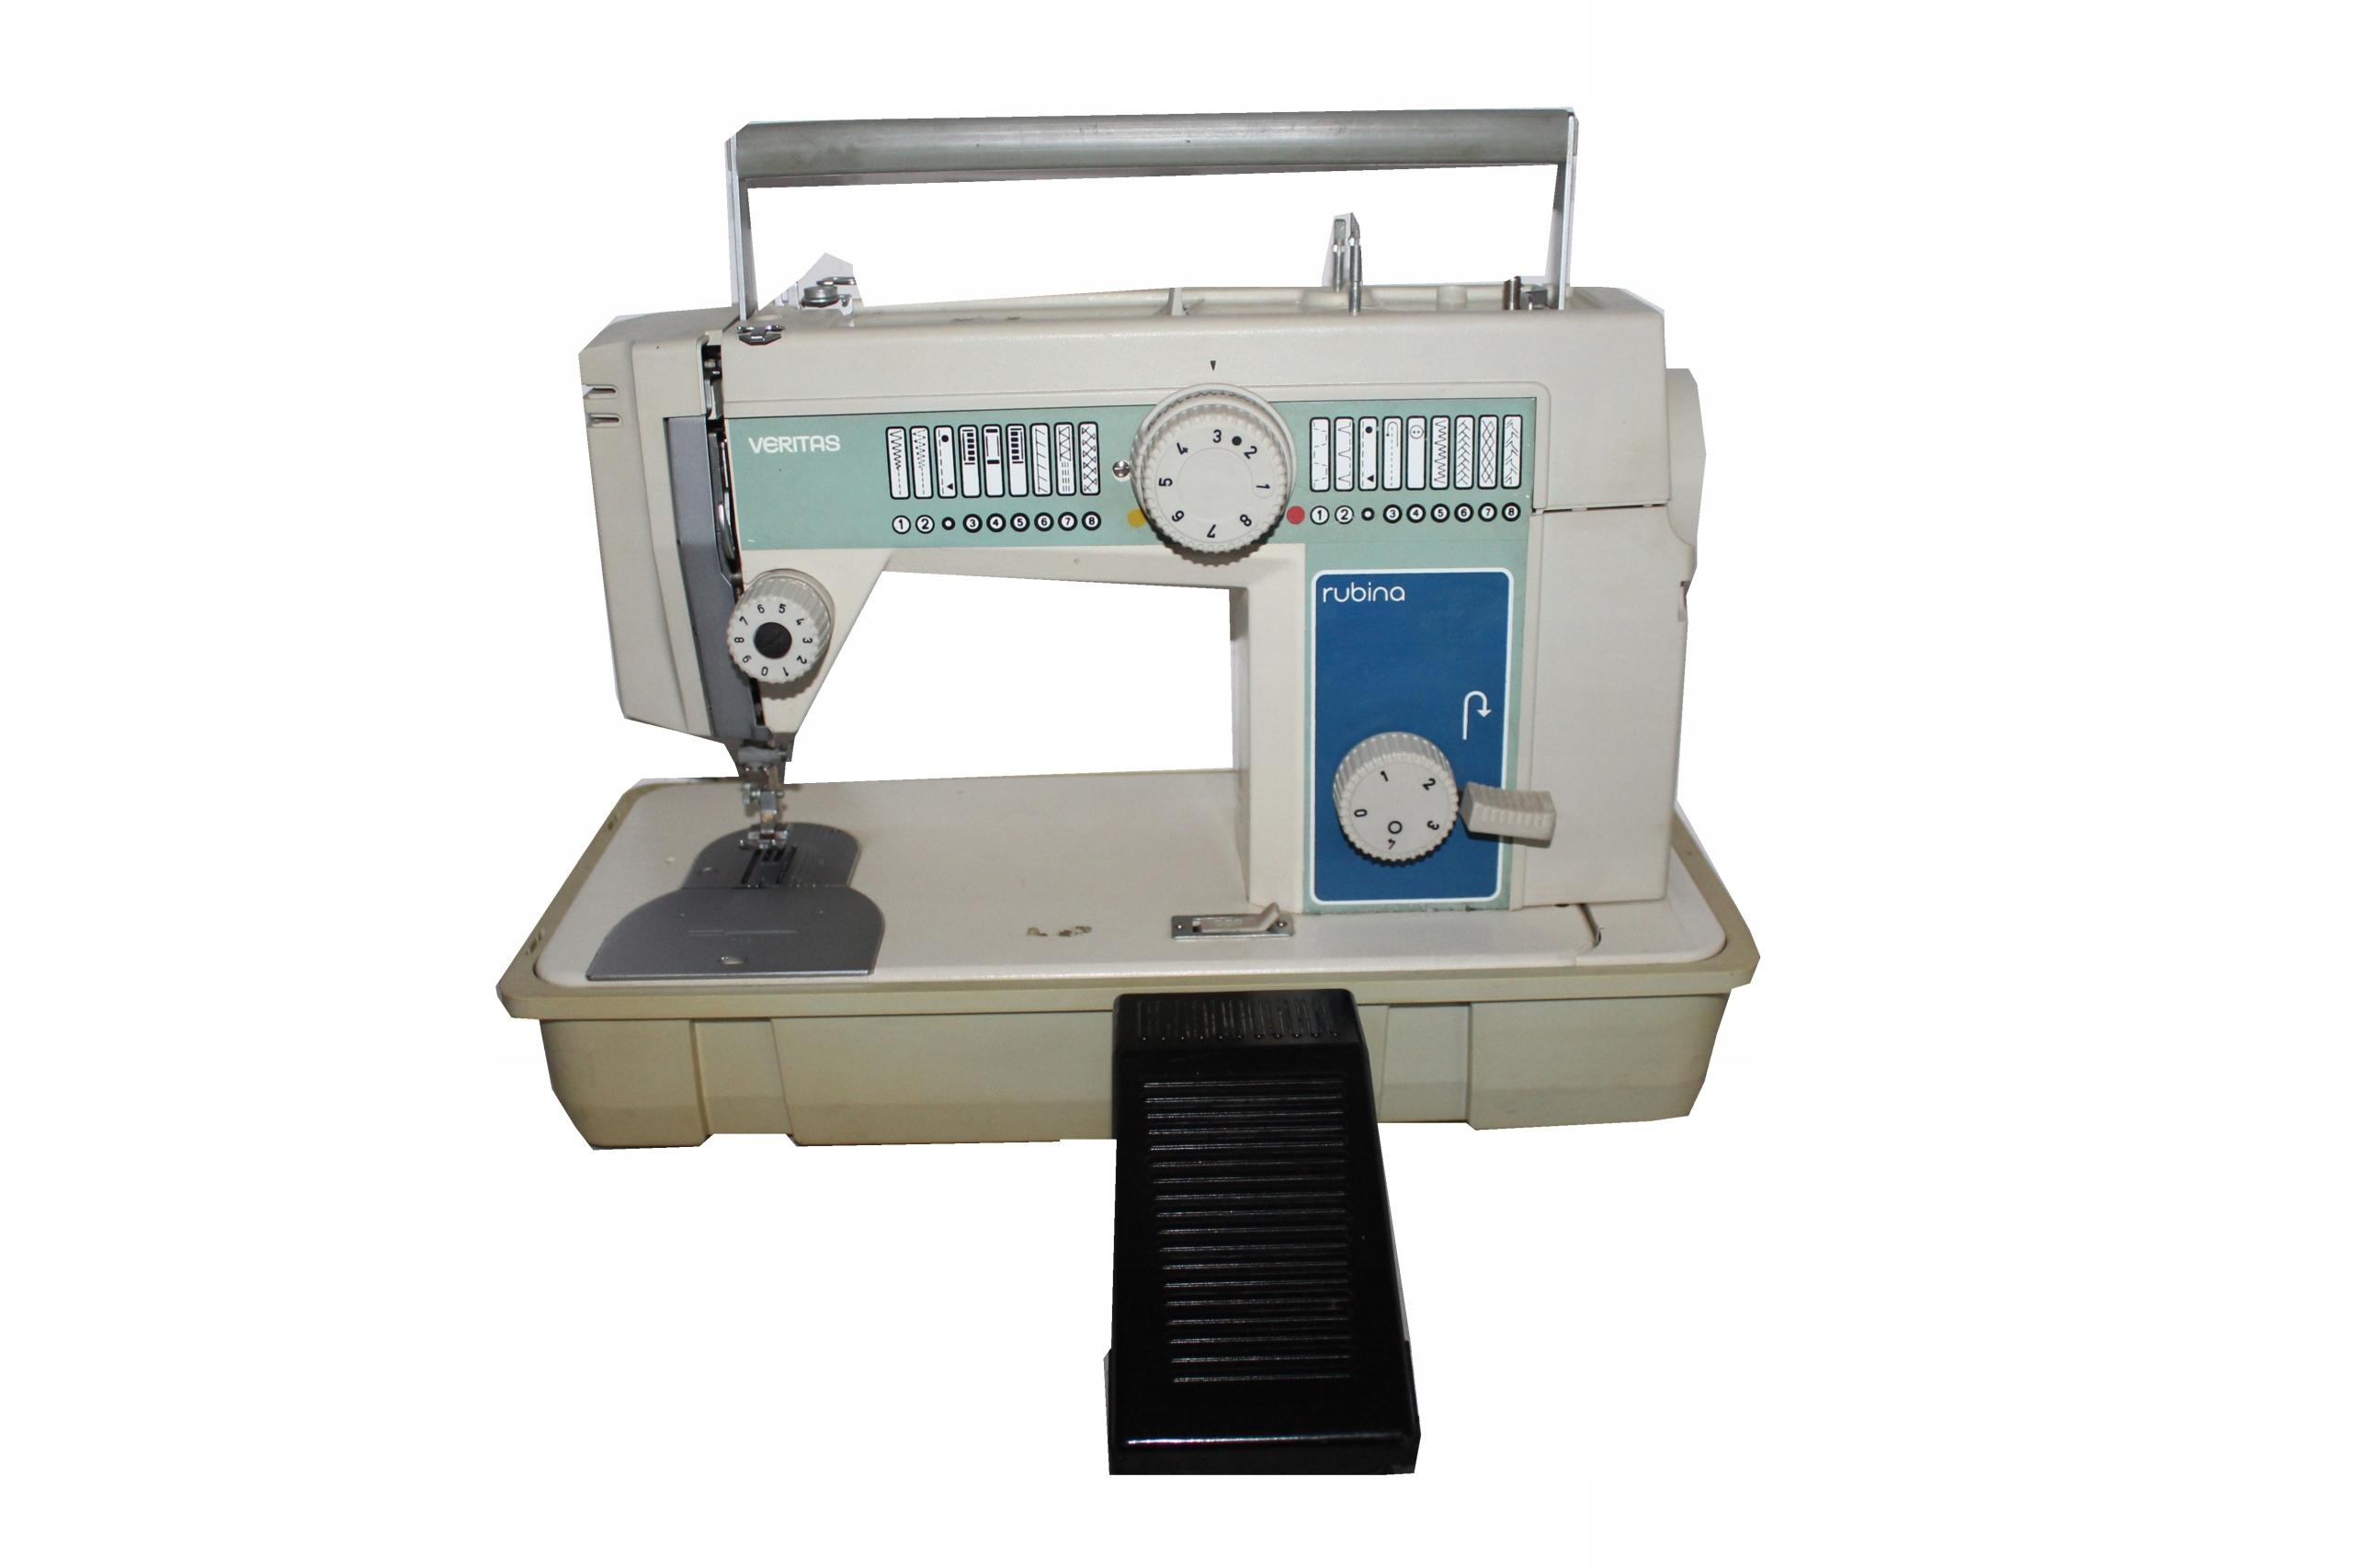 Maszyna do szycia VERITAS TEXTIMA 1091